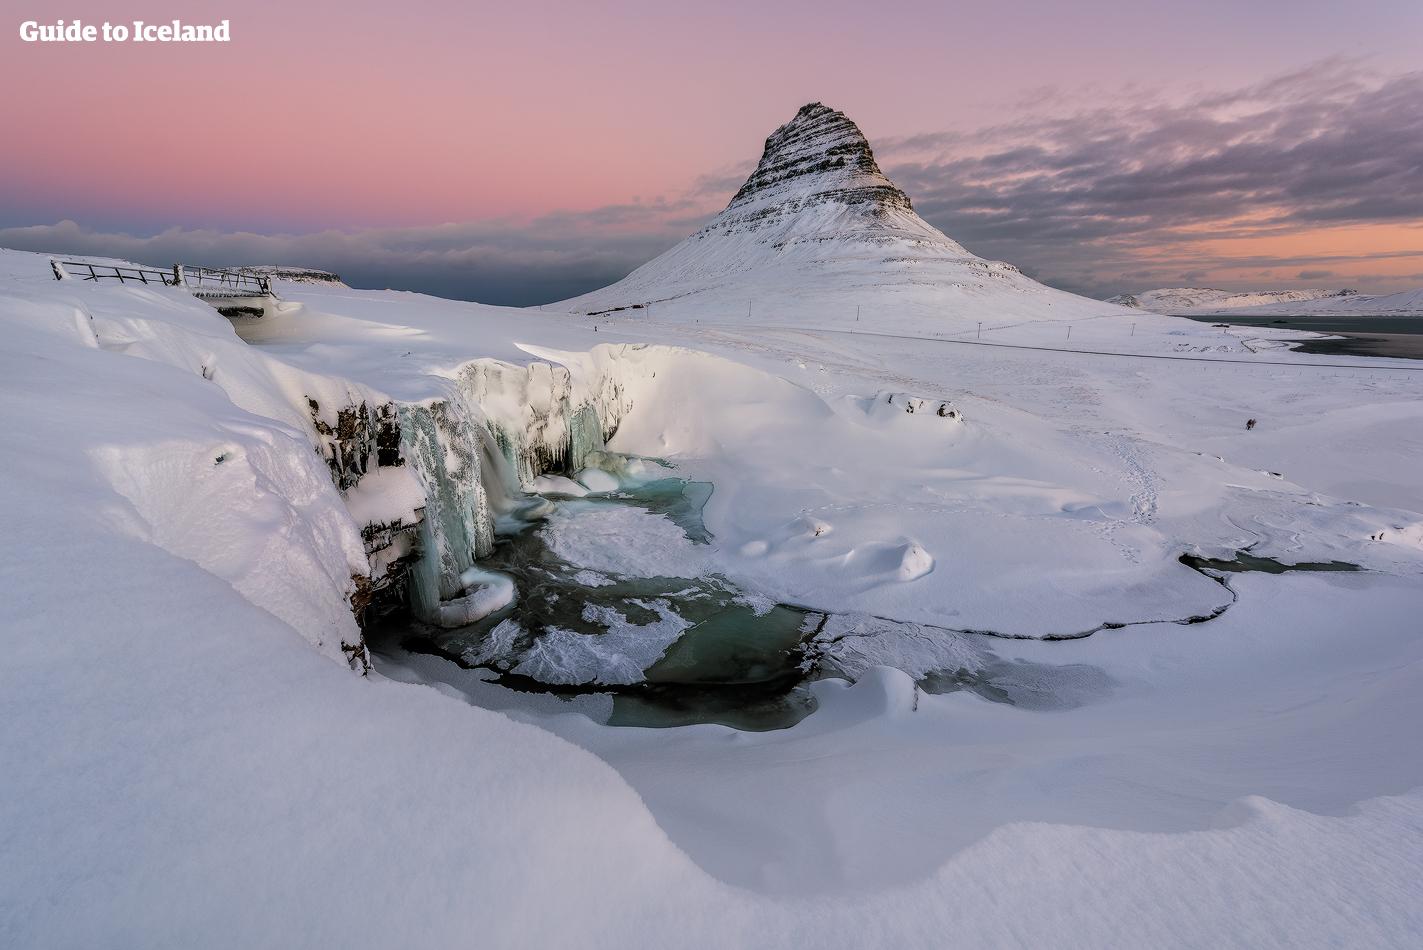 คาบมหาสมุทร สไนล์แฟลซเนสหรือประเทศไอซ์แลนด์แบบย่อแบบที่คนทั่วไปเรียก เป็นสถานที่ที่สวยงามตลอดทั้งปี แต่จะมีความลึกลับในช่วงกลางฤดูหนาว